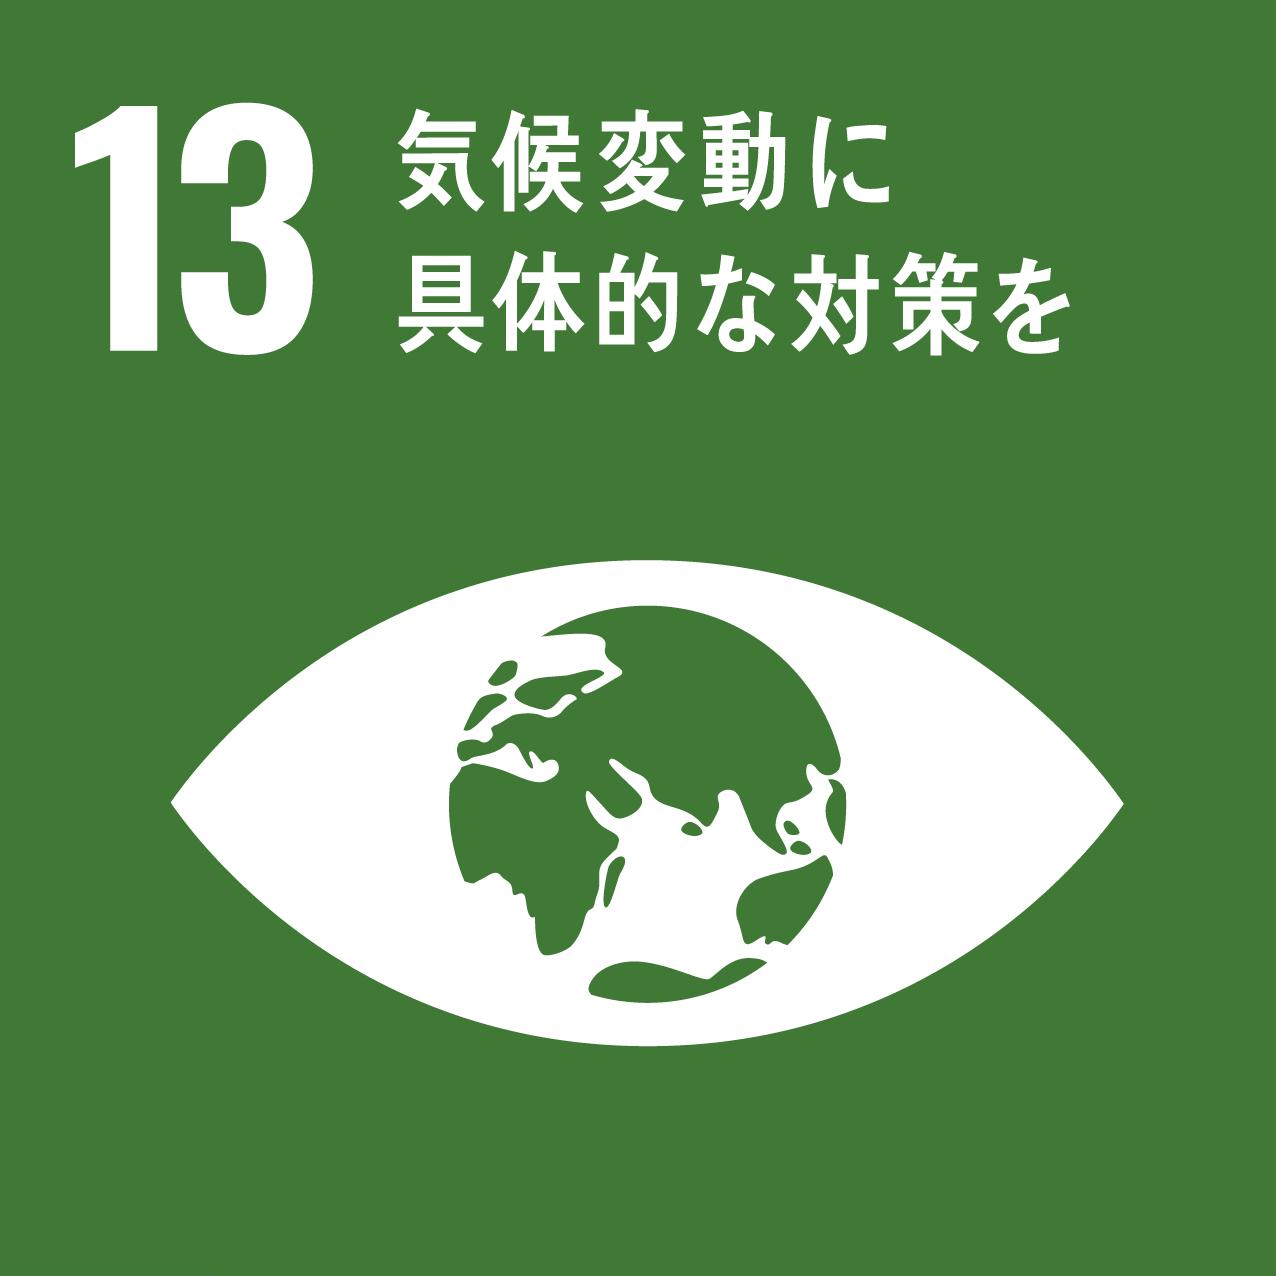 SDGs目標アイコン 13.気候変動に具体的な対策を